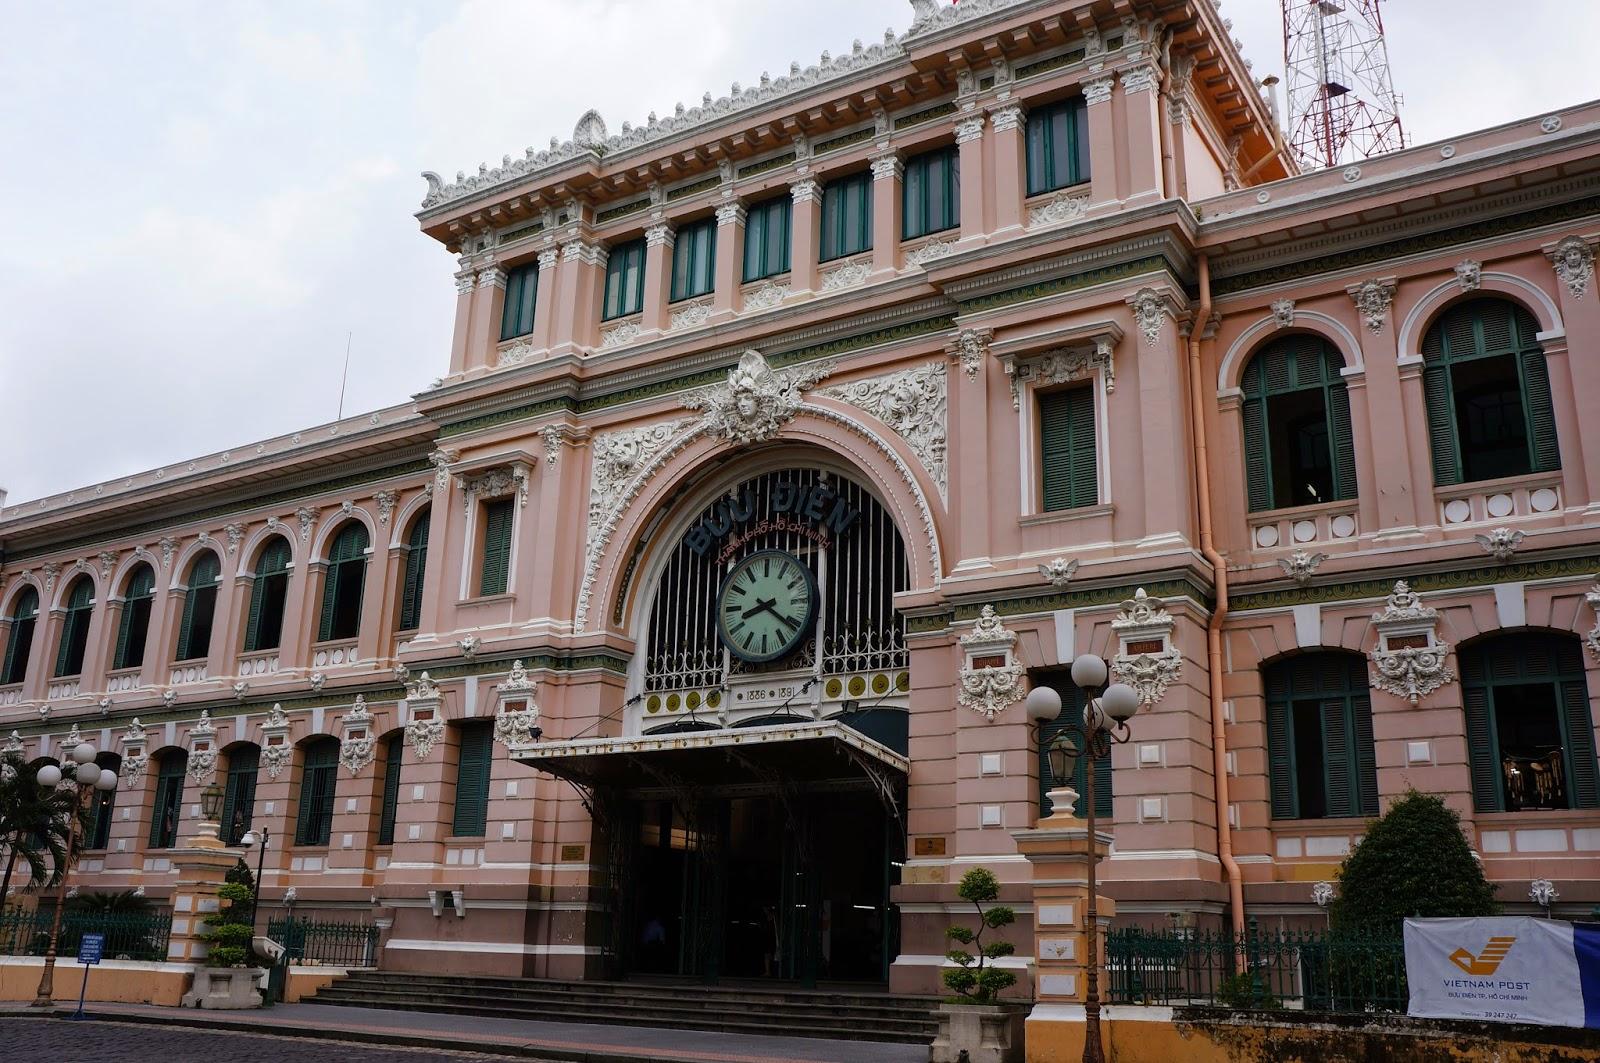 Saigon Central Post Office exterior